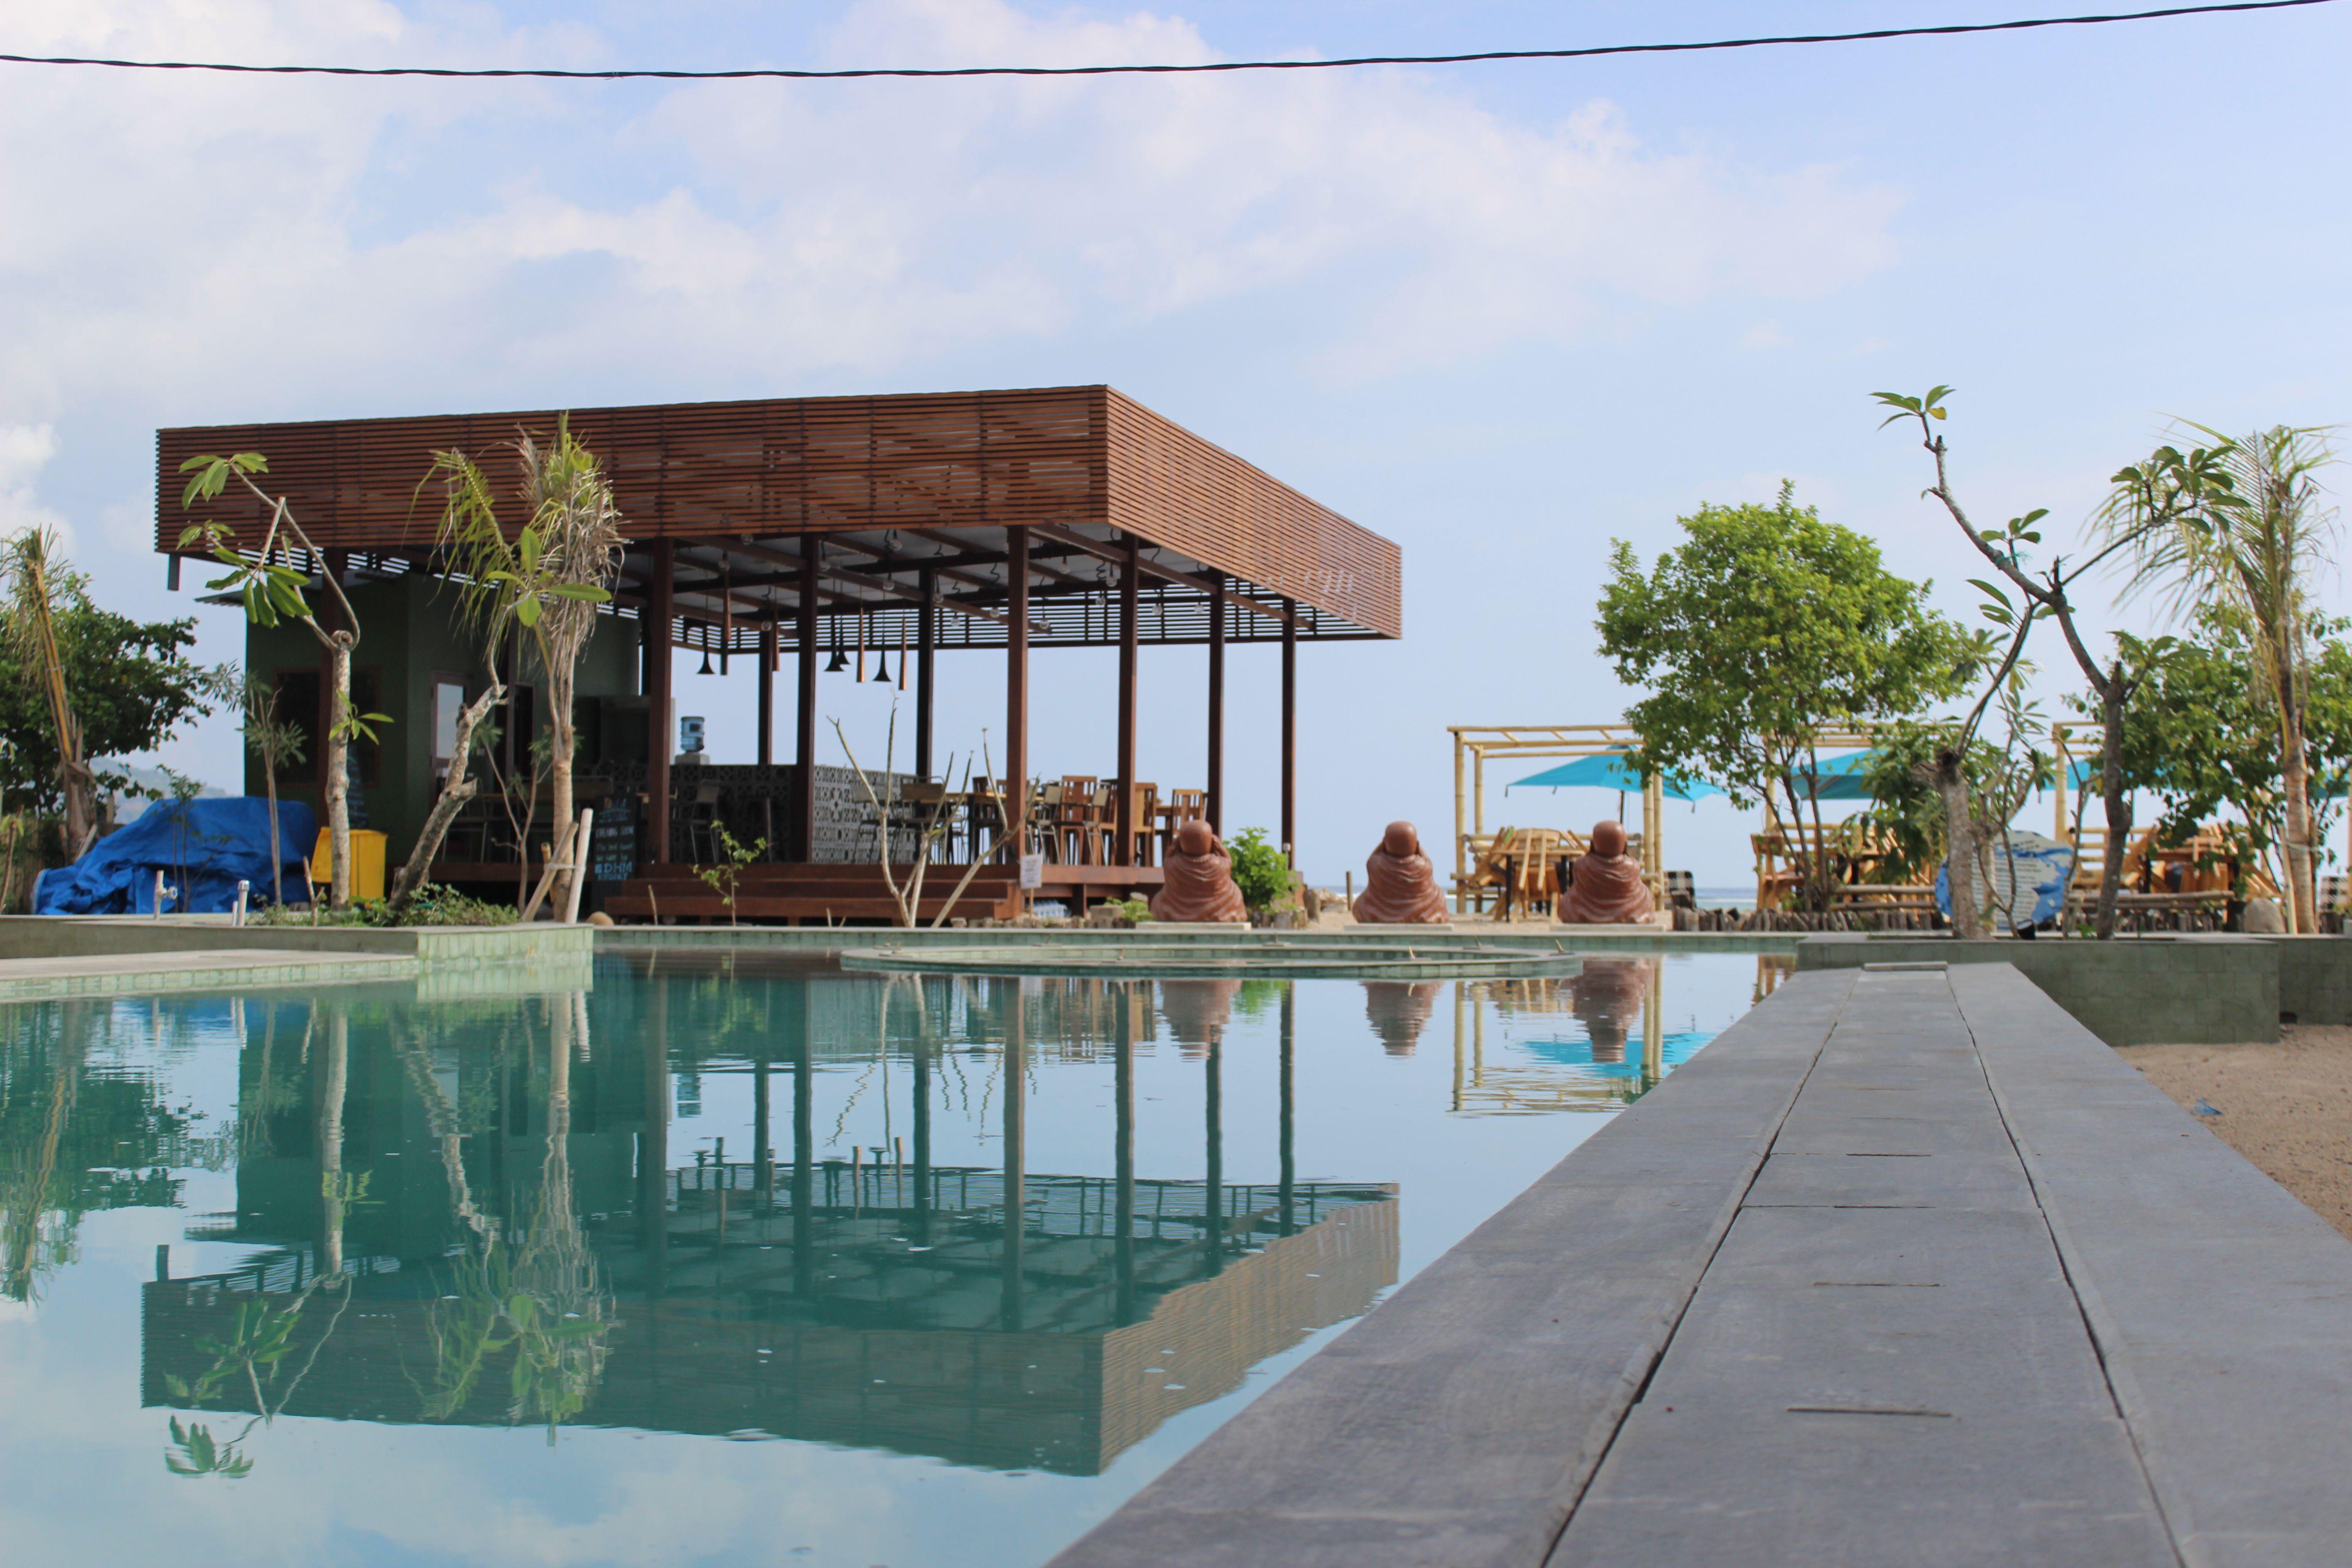 Mola Mola Resort Gili Air - Lombok. DHM Resort,Gili Air